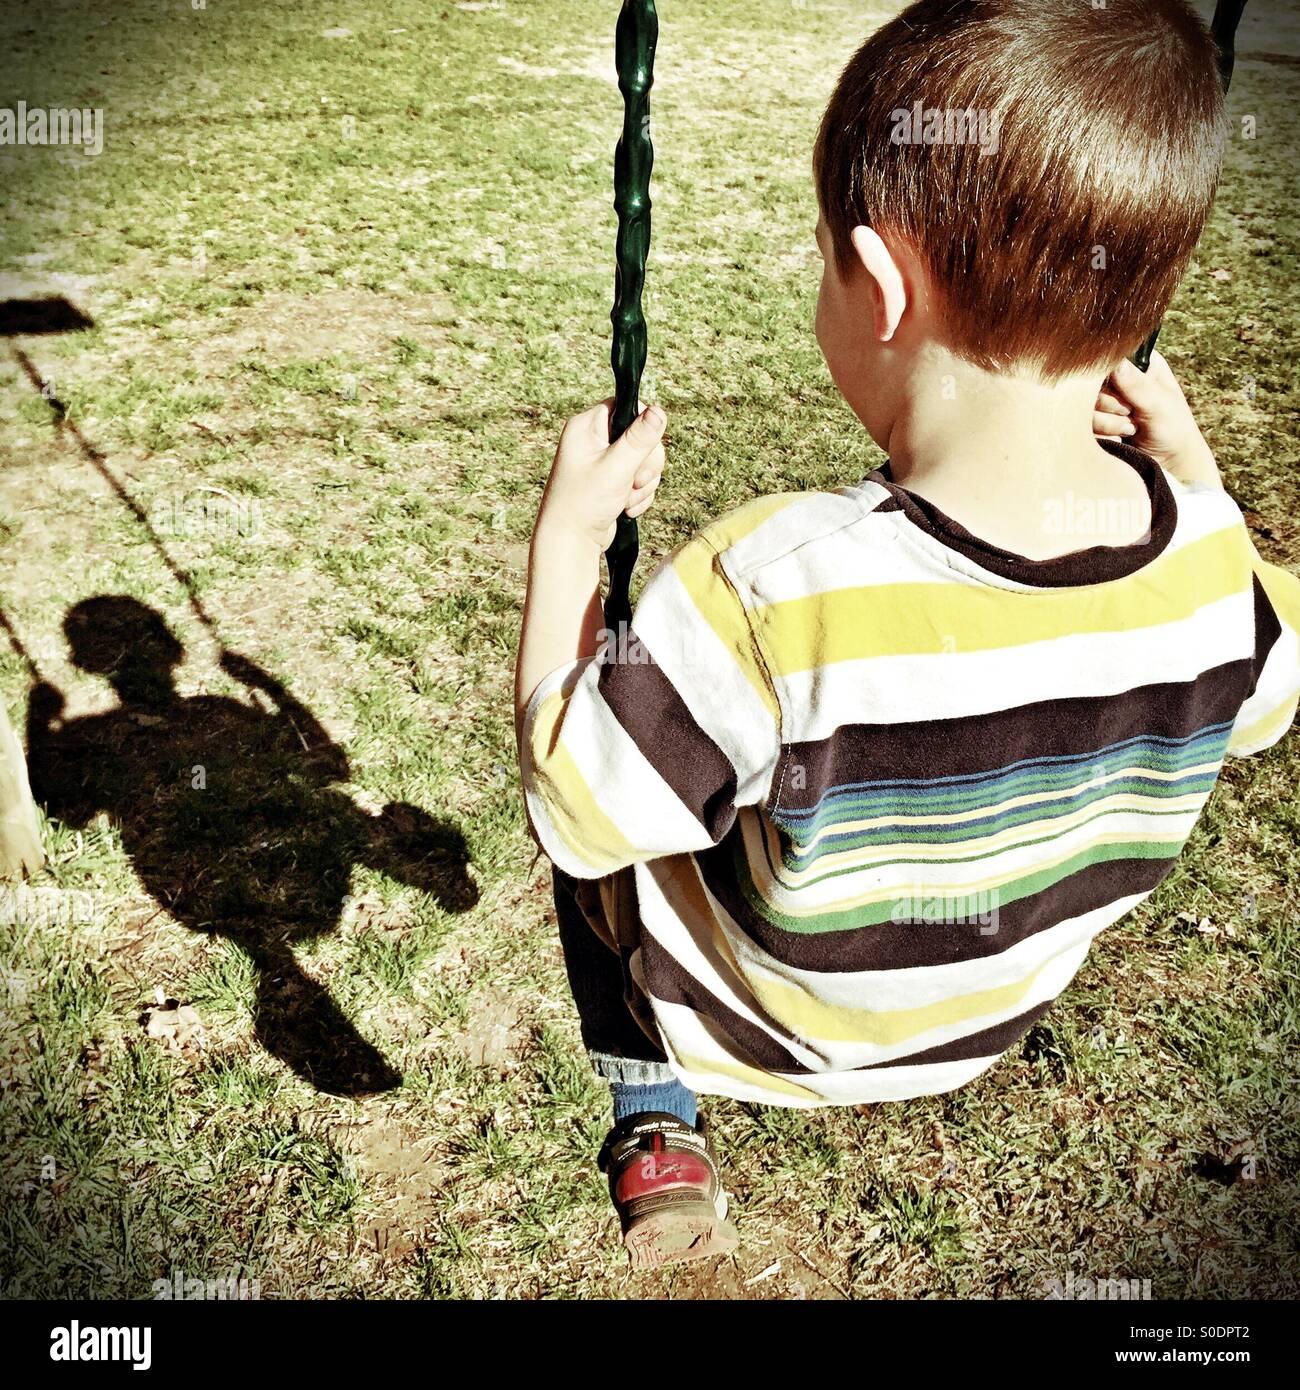 Jeune garçon balançoires et admire son image de l'ombre Photo Stock